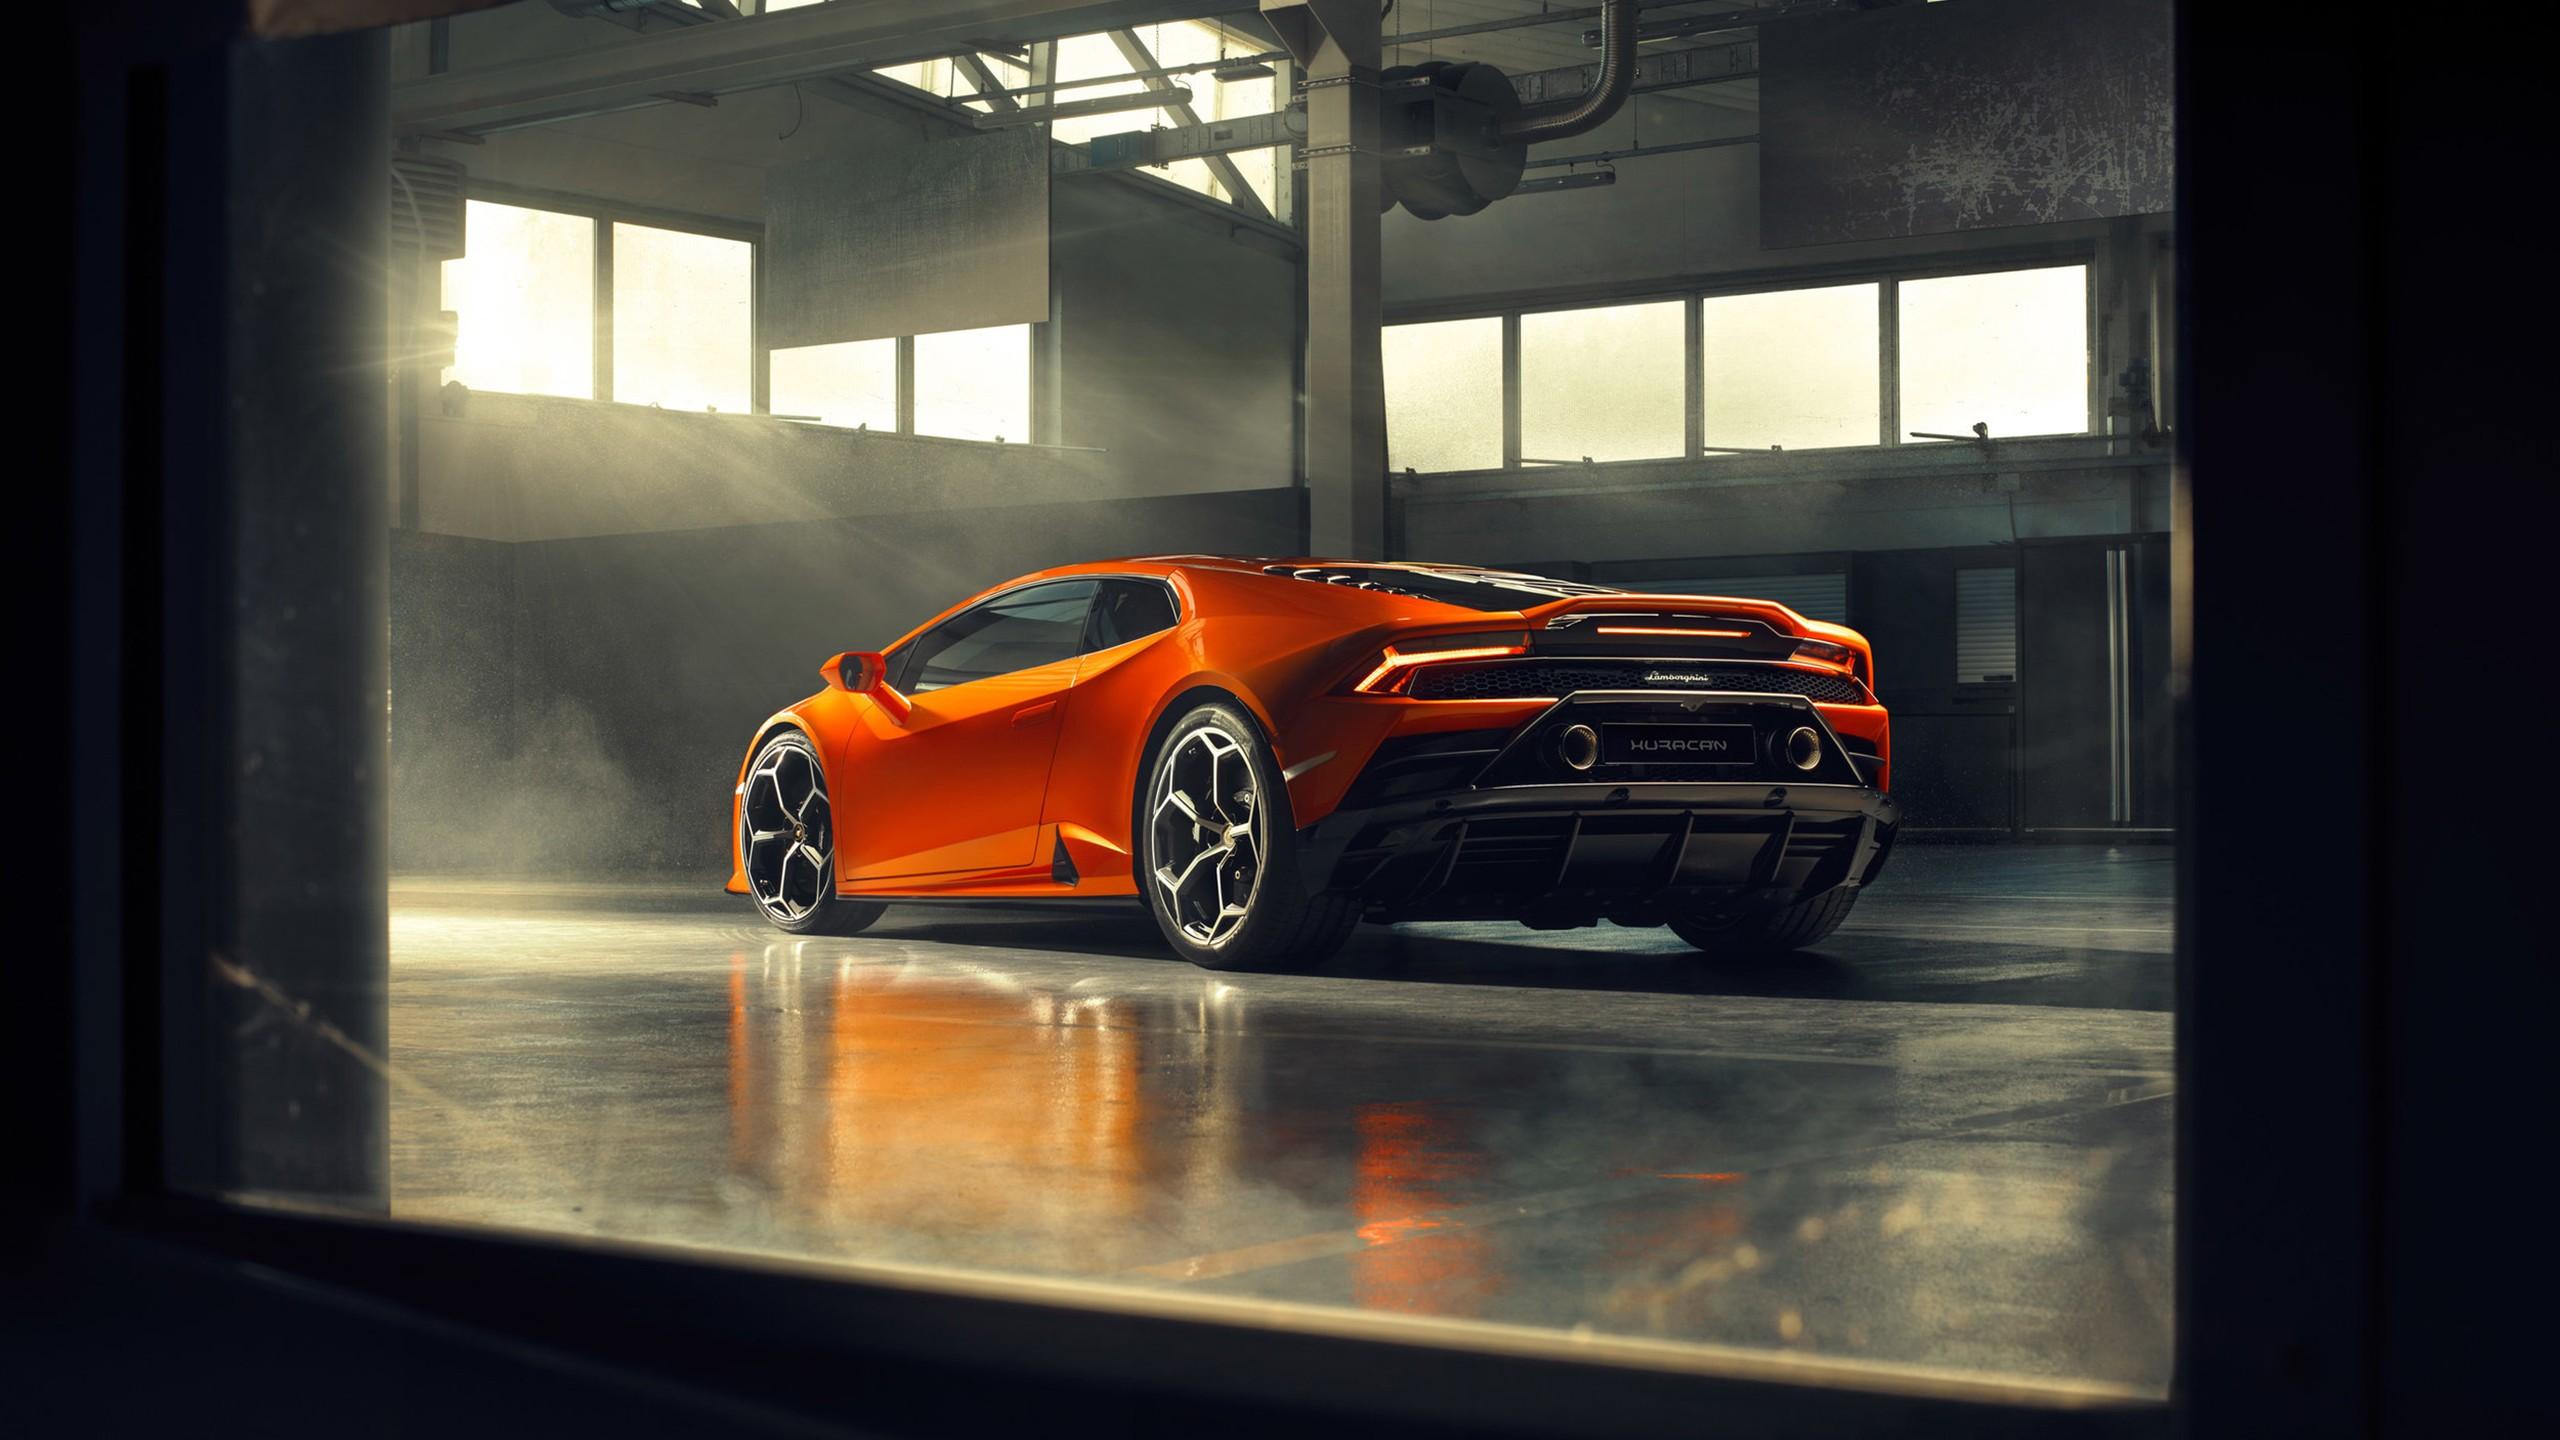 Lamborghini Huracan EVO 2019 4K 2 Wallpaper | HD Car ...